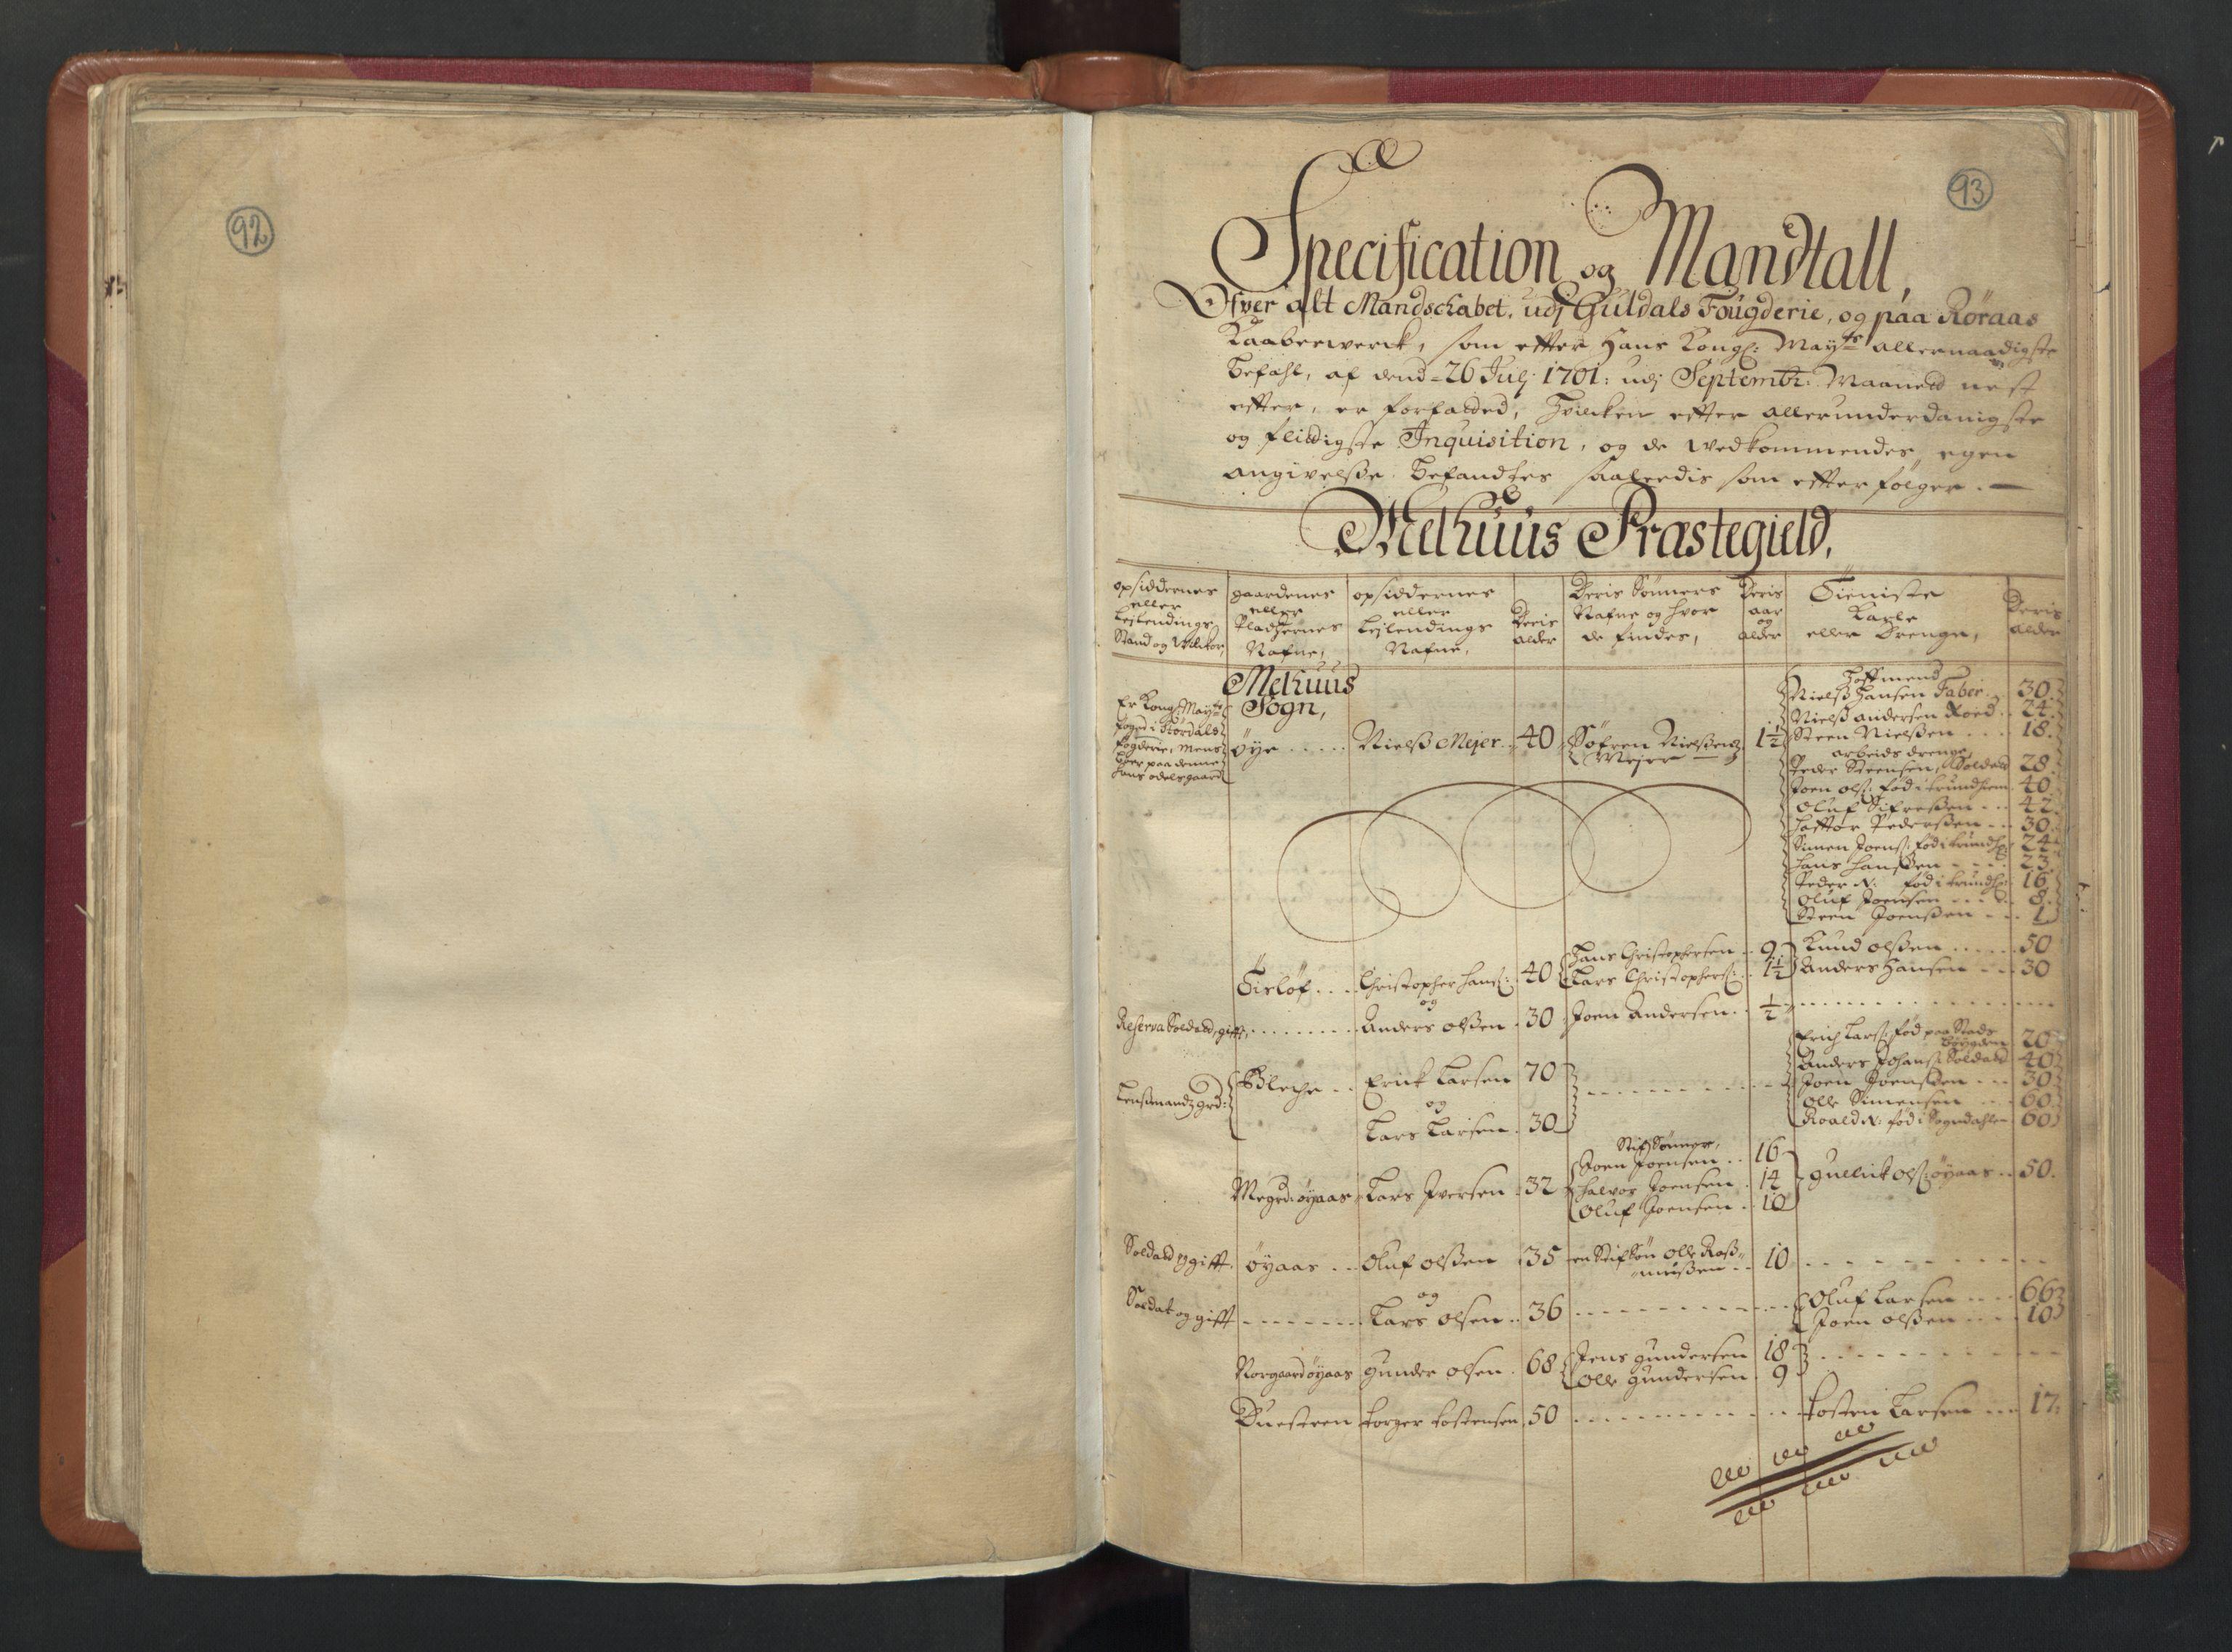 RA, Manntallet 1701, nr. 13: Orkdal fogderi og Gauldal fogderi med Røros kobberverk, 1701, s. 92-93